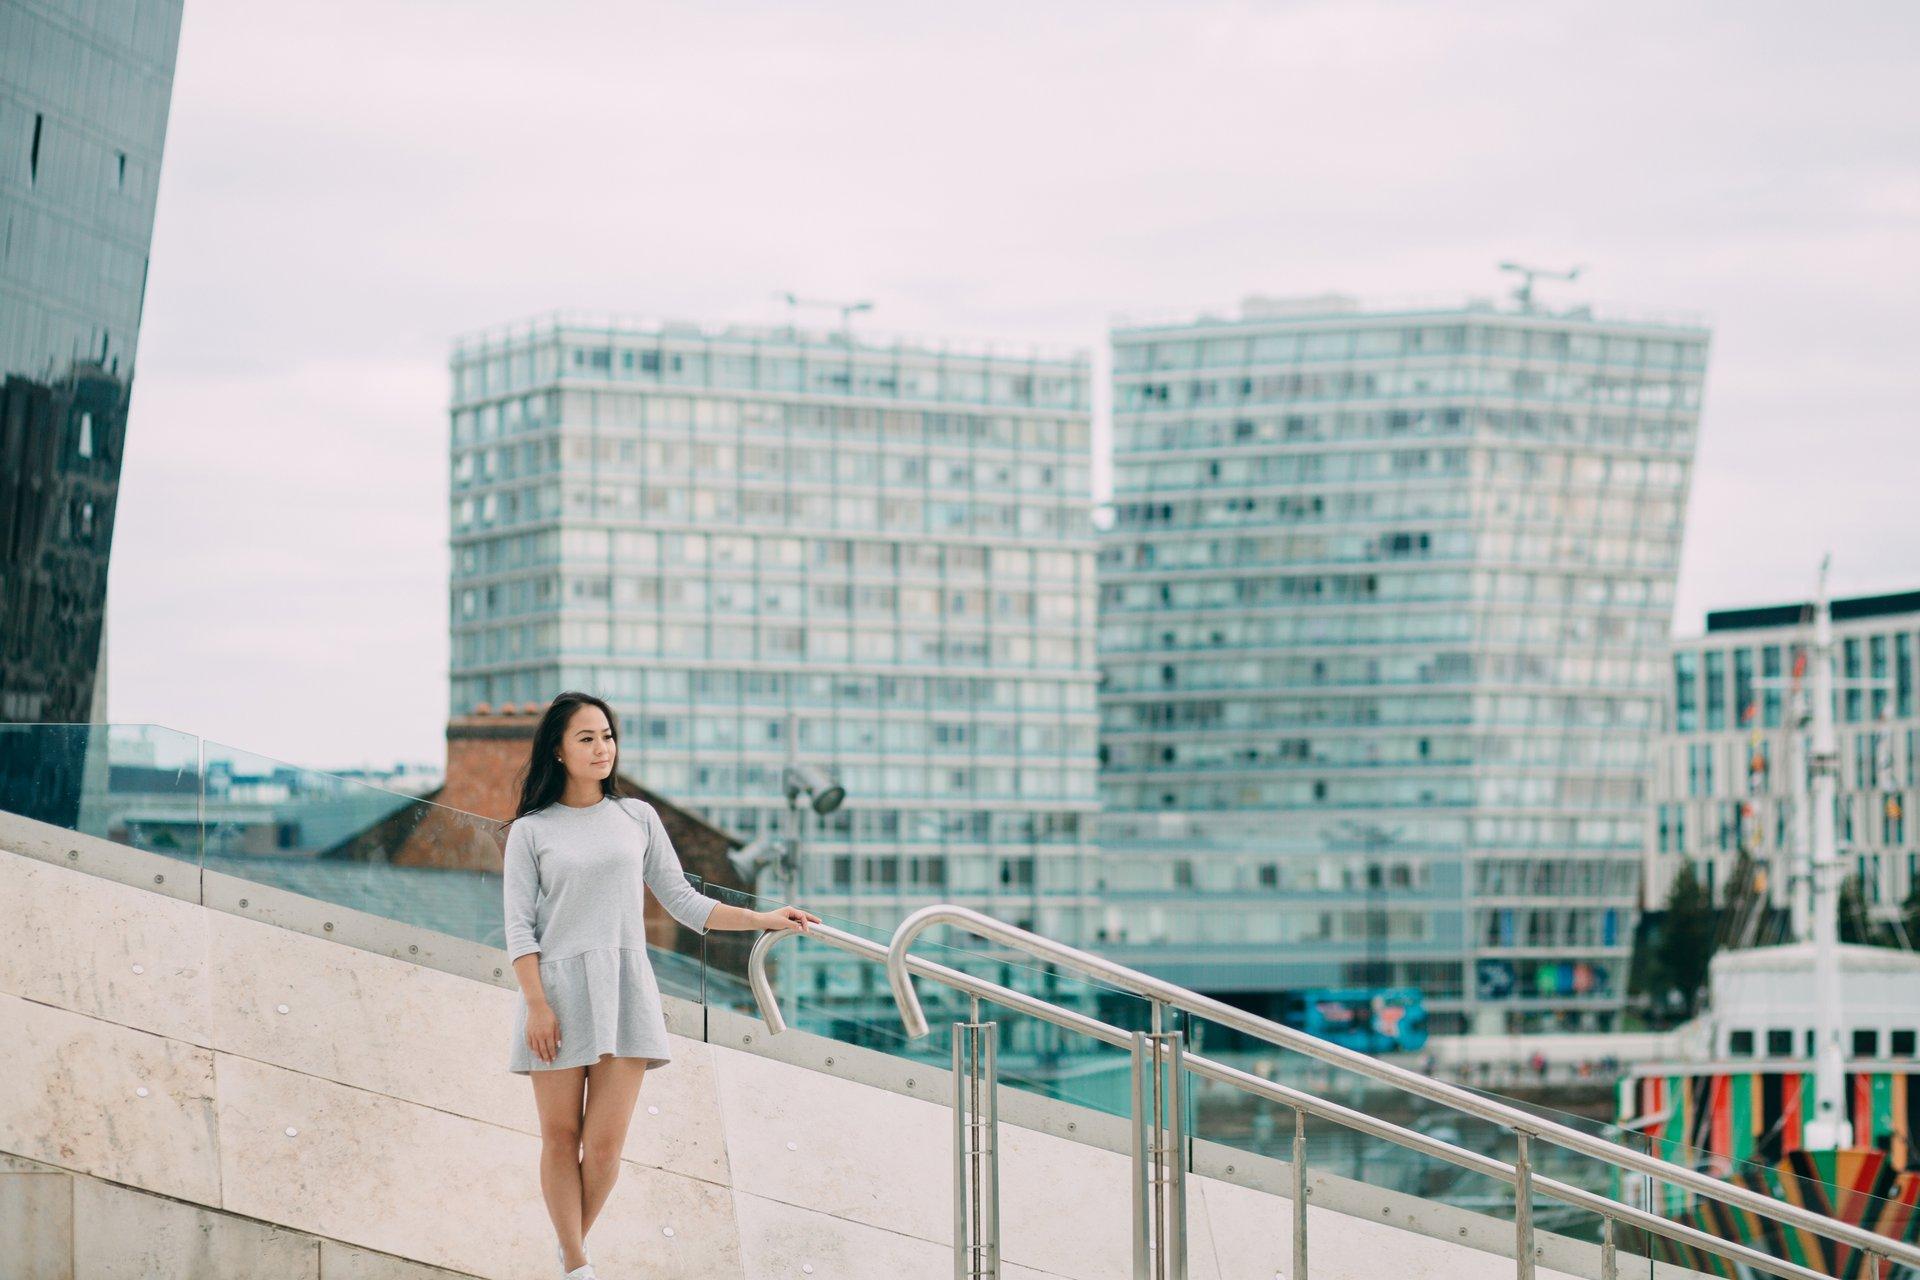 Izumi's Portfolio - Image 7